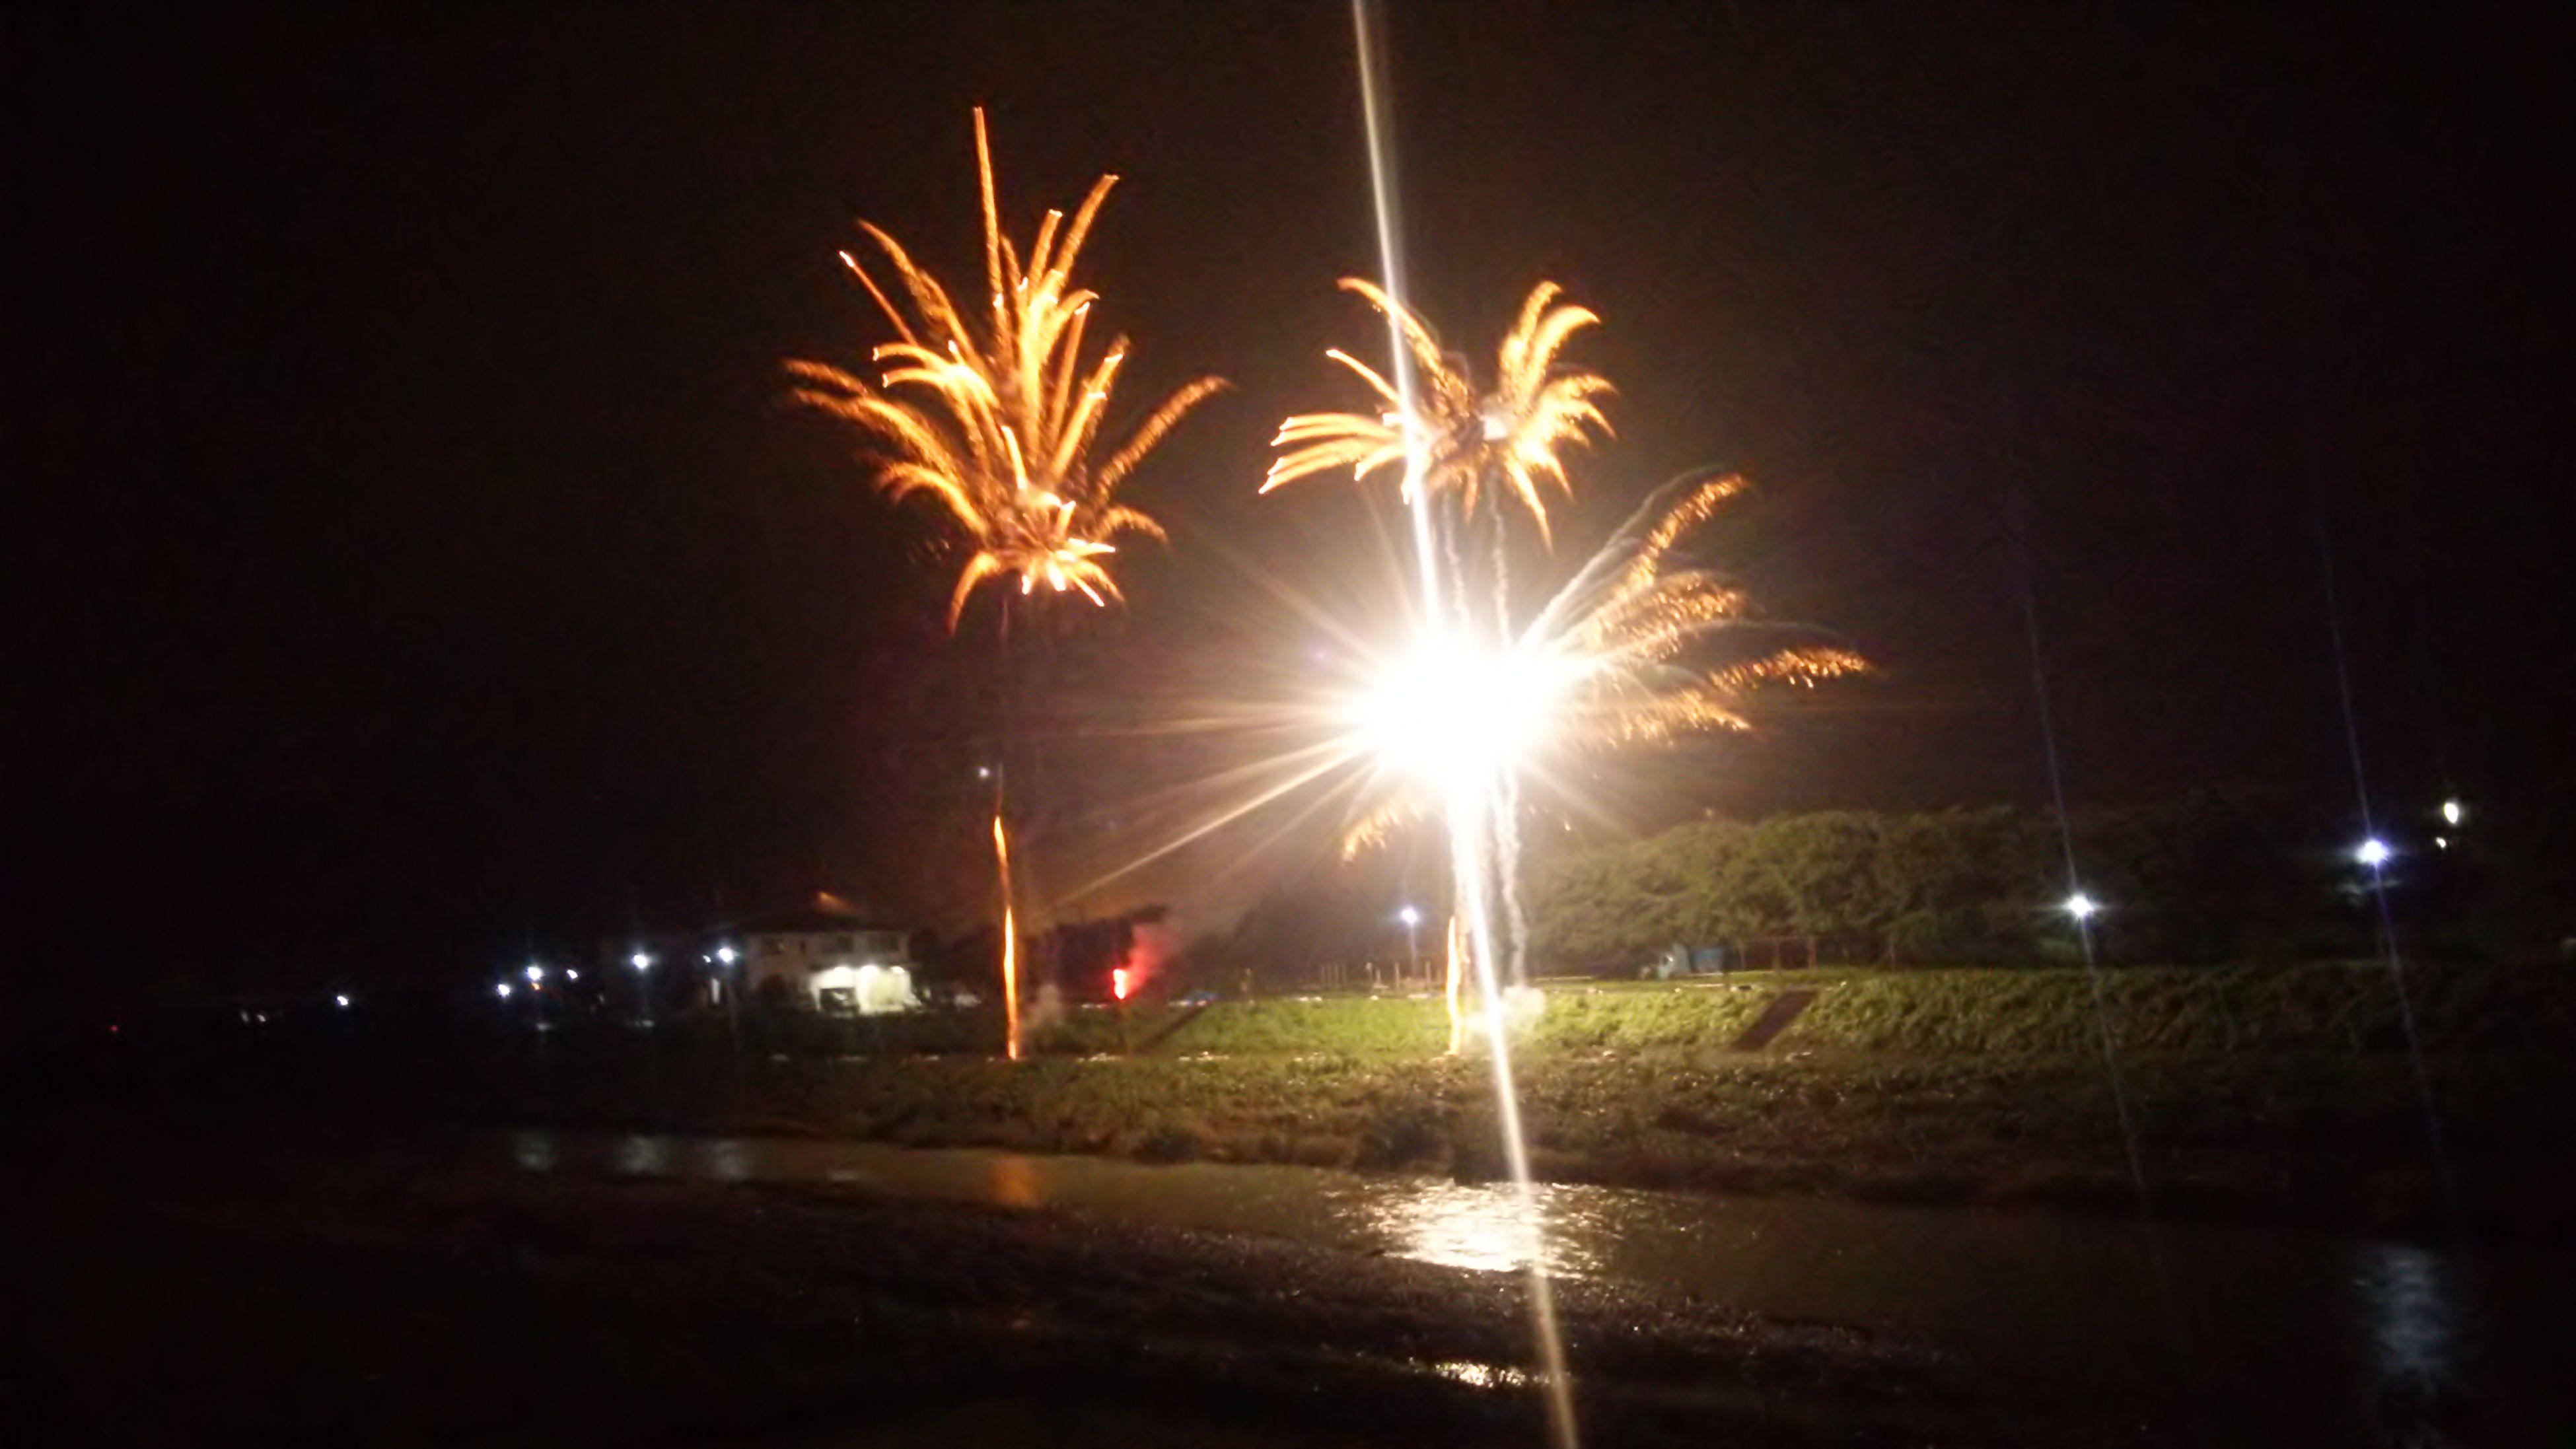 これまた夏の思い出(*^^*)雨の中丹波の花火大会今年は雨だらけの花火大会で中止ばっかで(´-ω-`)すごい大雨で、自分びしょびしょなってたけかな笑